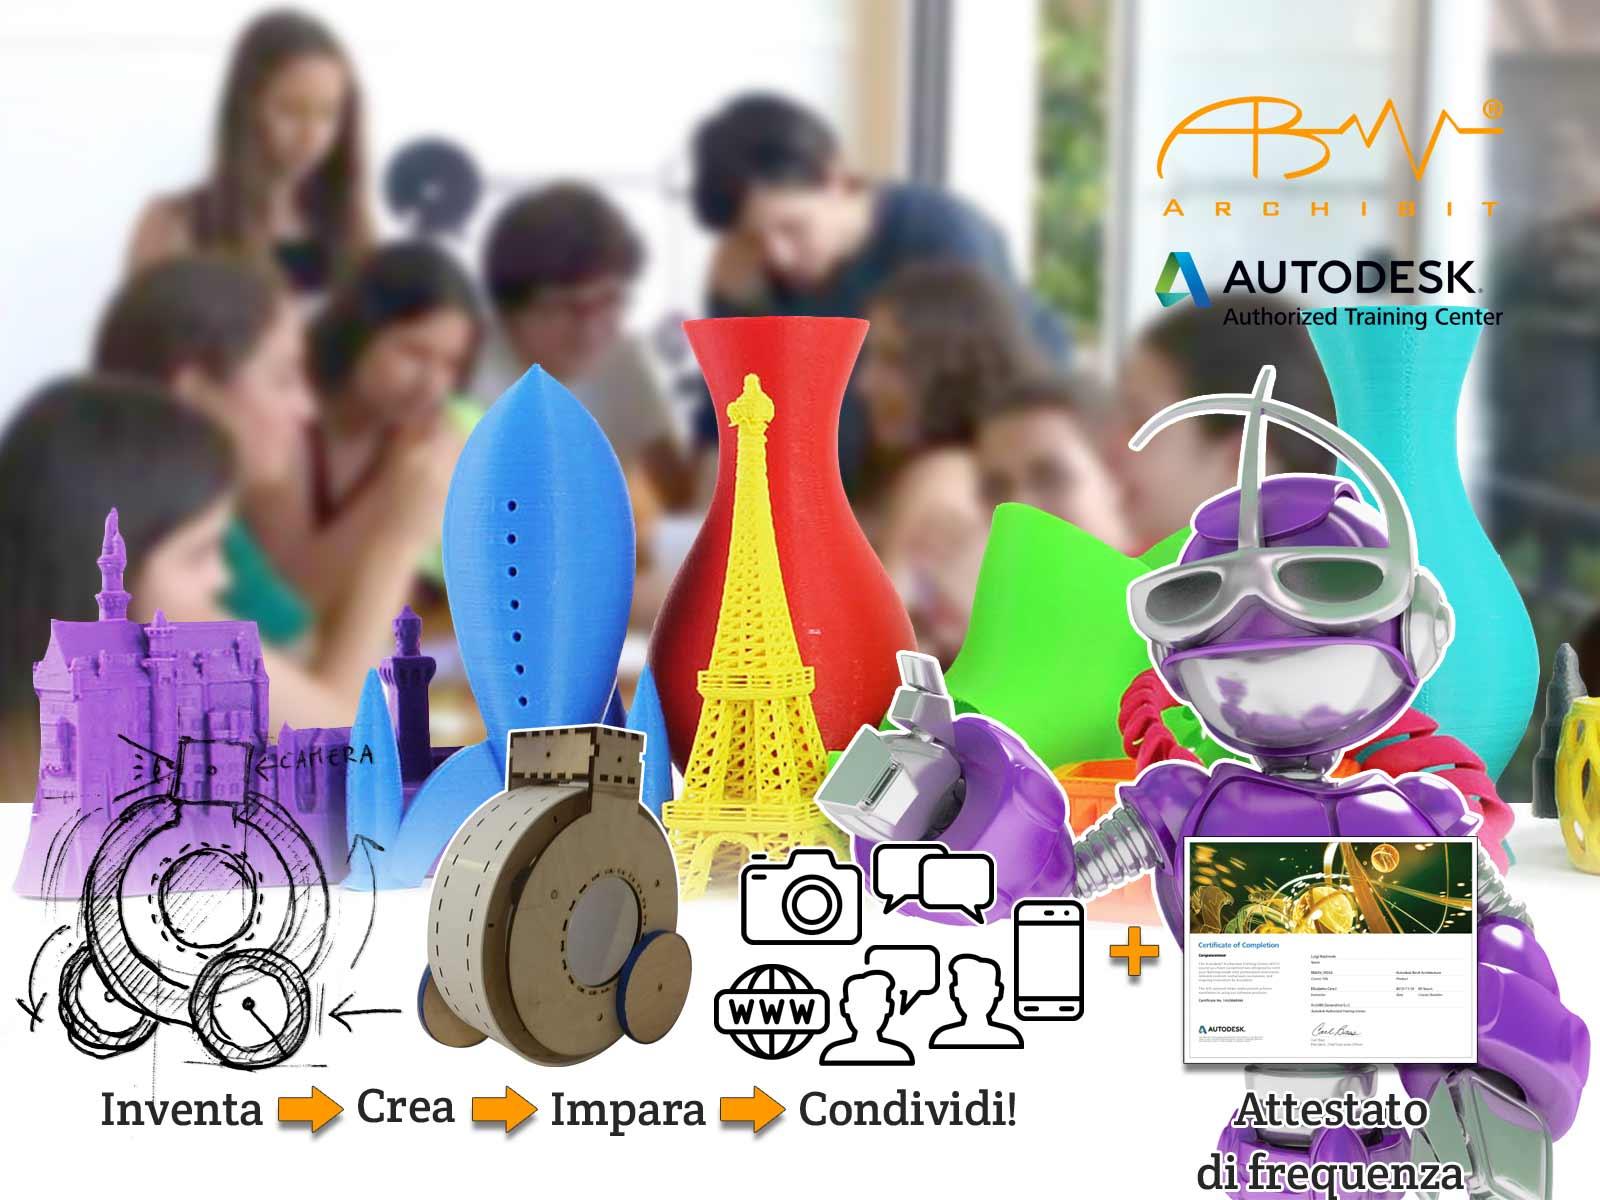 summer camp hi tech per ragazzi e ragazze - archibit centro corsi grafica summer camp roma nord